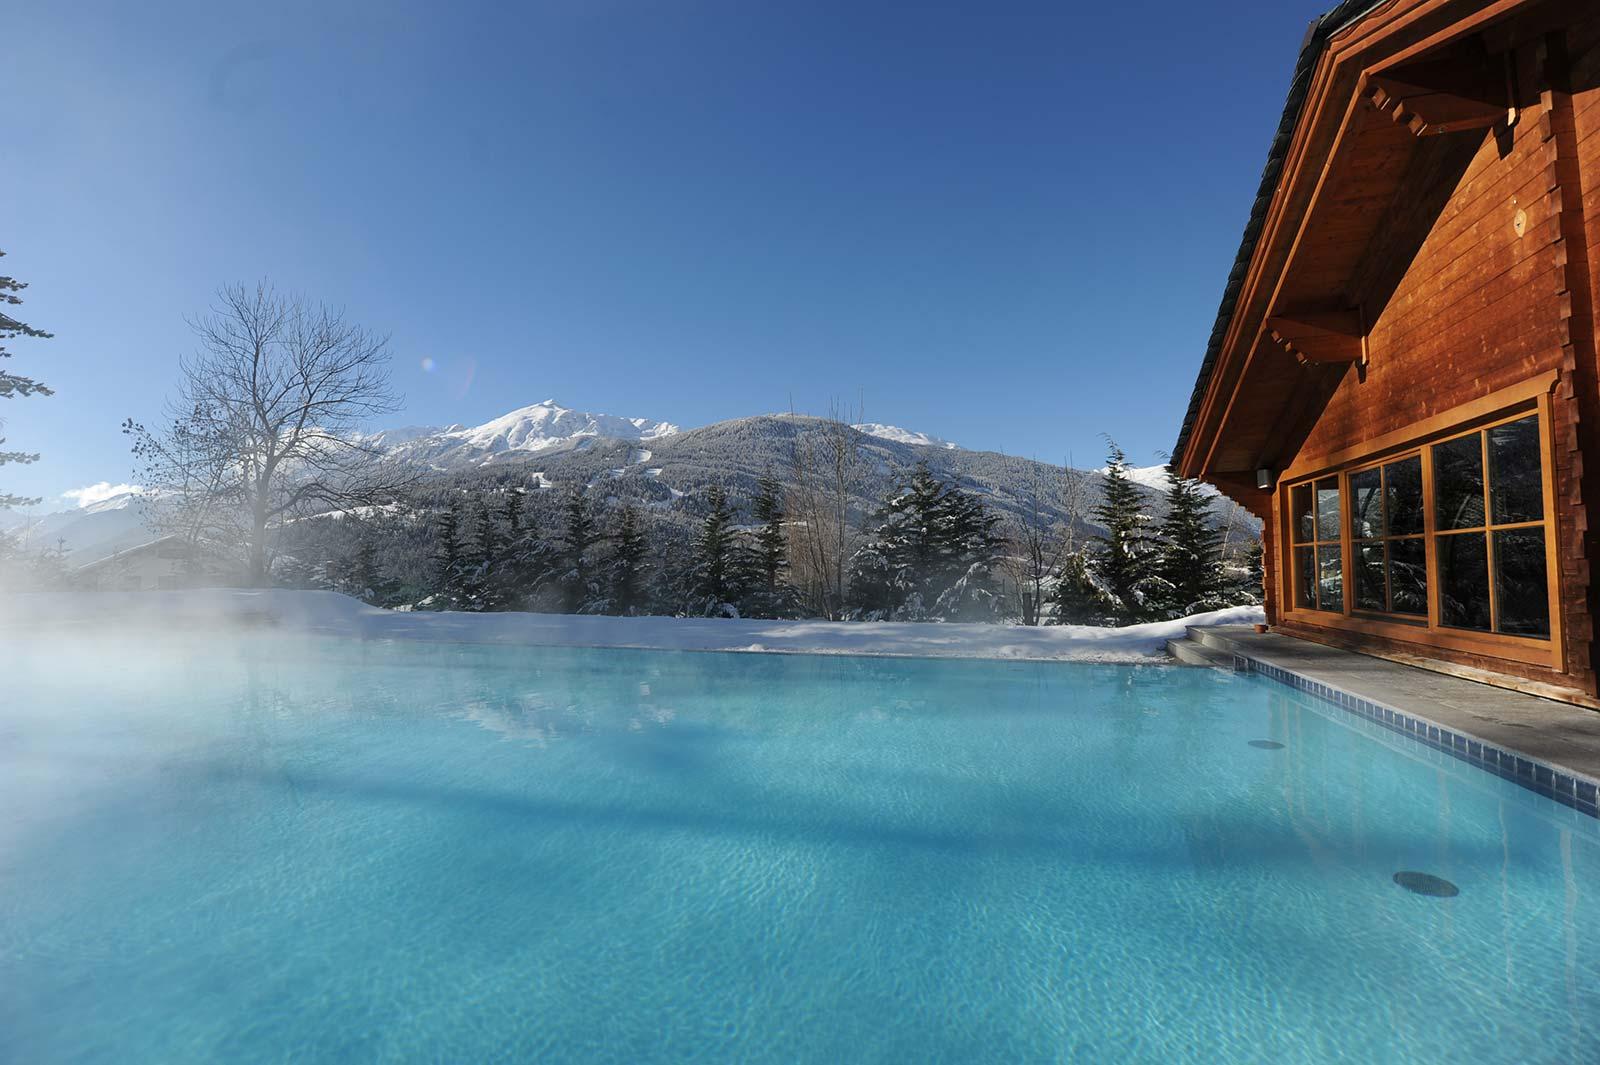 Siamo vicini ai bagni di bormio benessere hotel bormio - Hotel bormio con piscina ...